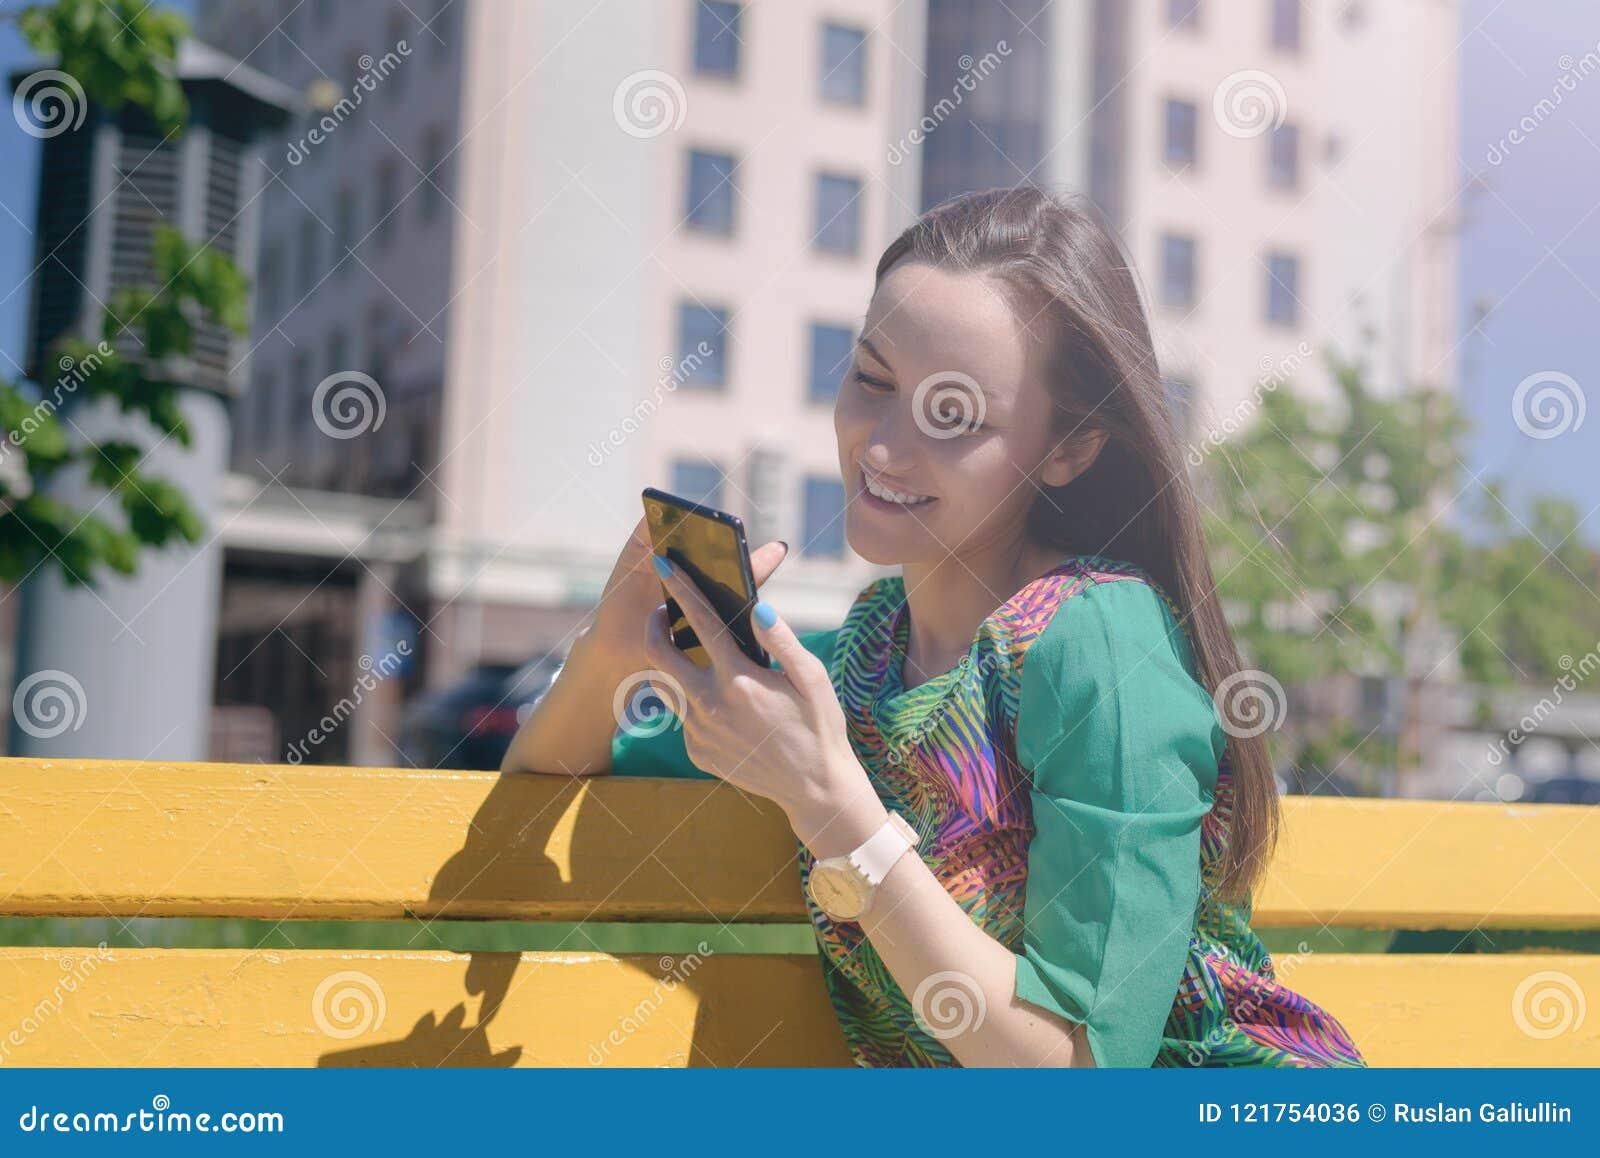 Uśmiechnięty młodej kobiety obsiadanie na żółtym ławki i używać smartphone, online komunikacja, ogólnospołeczne sieci, koresponde